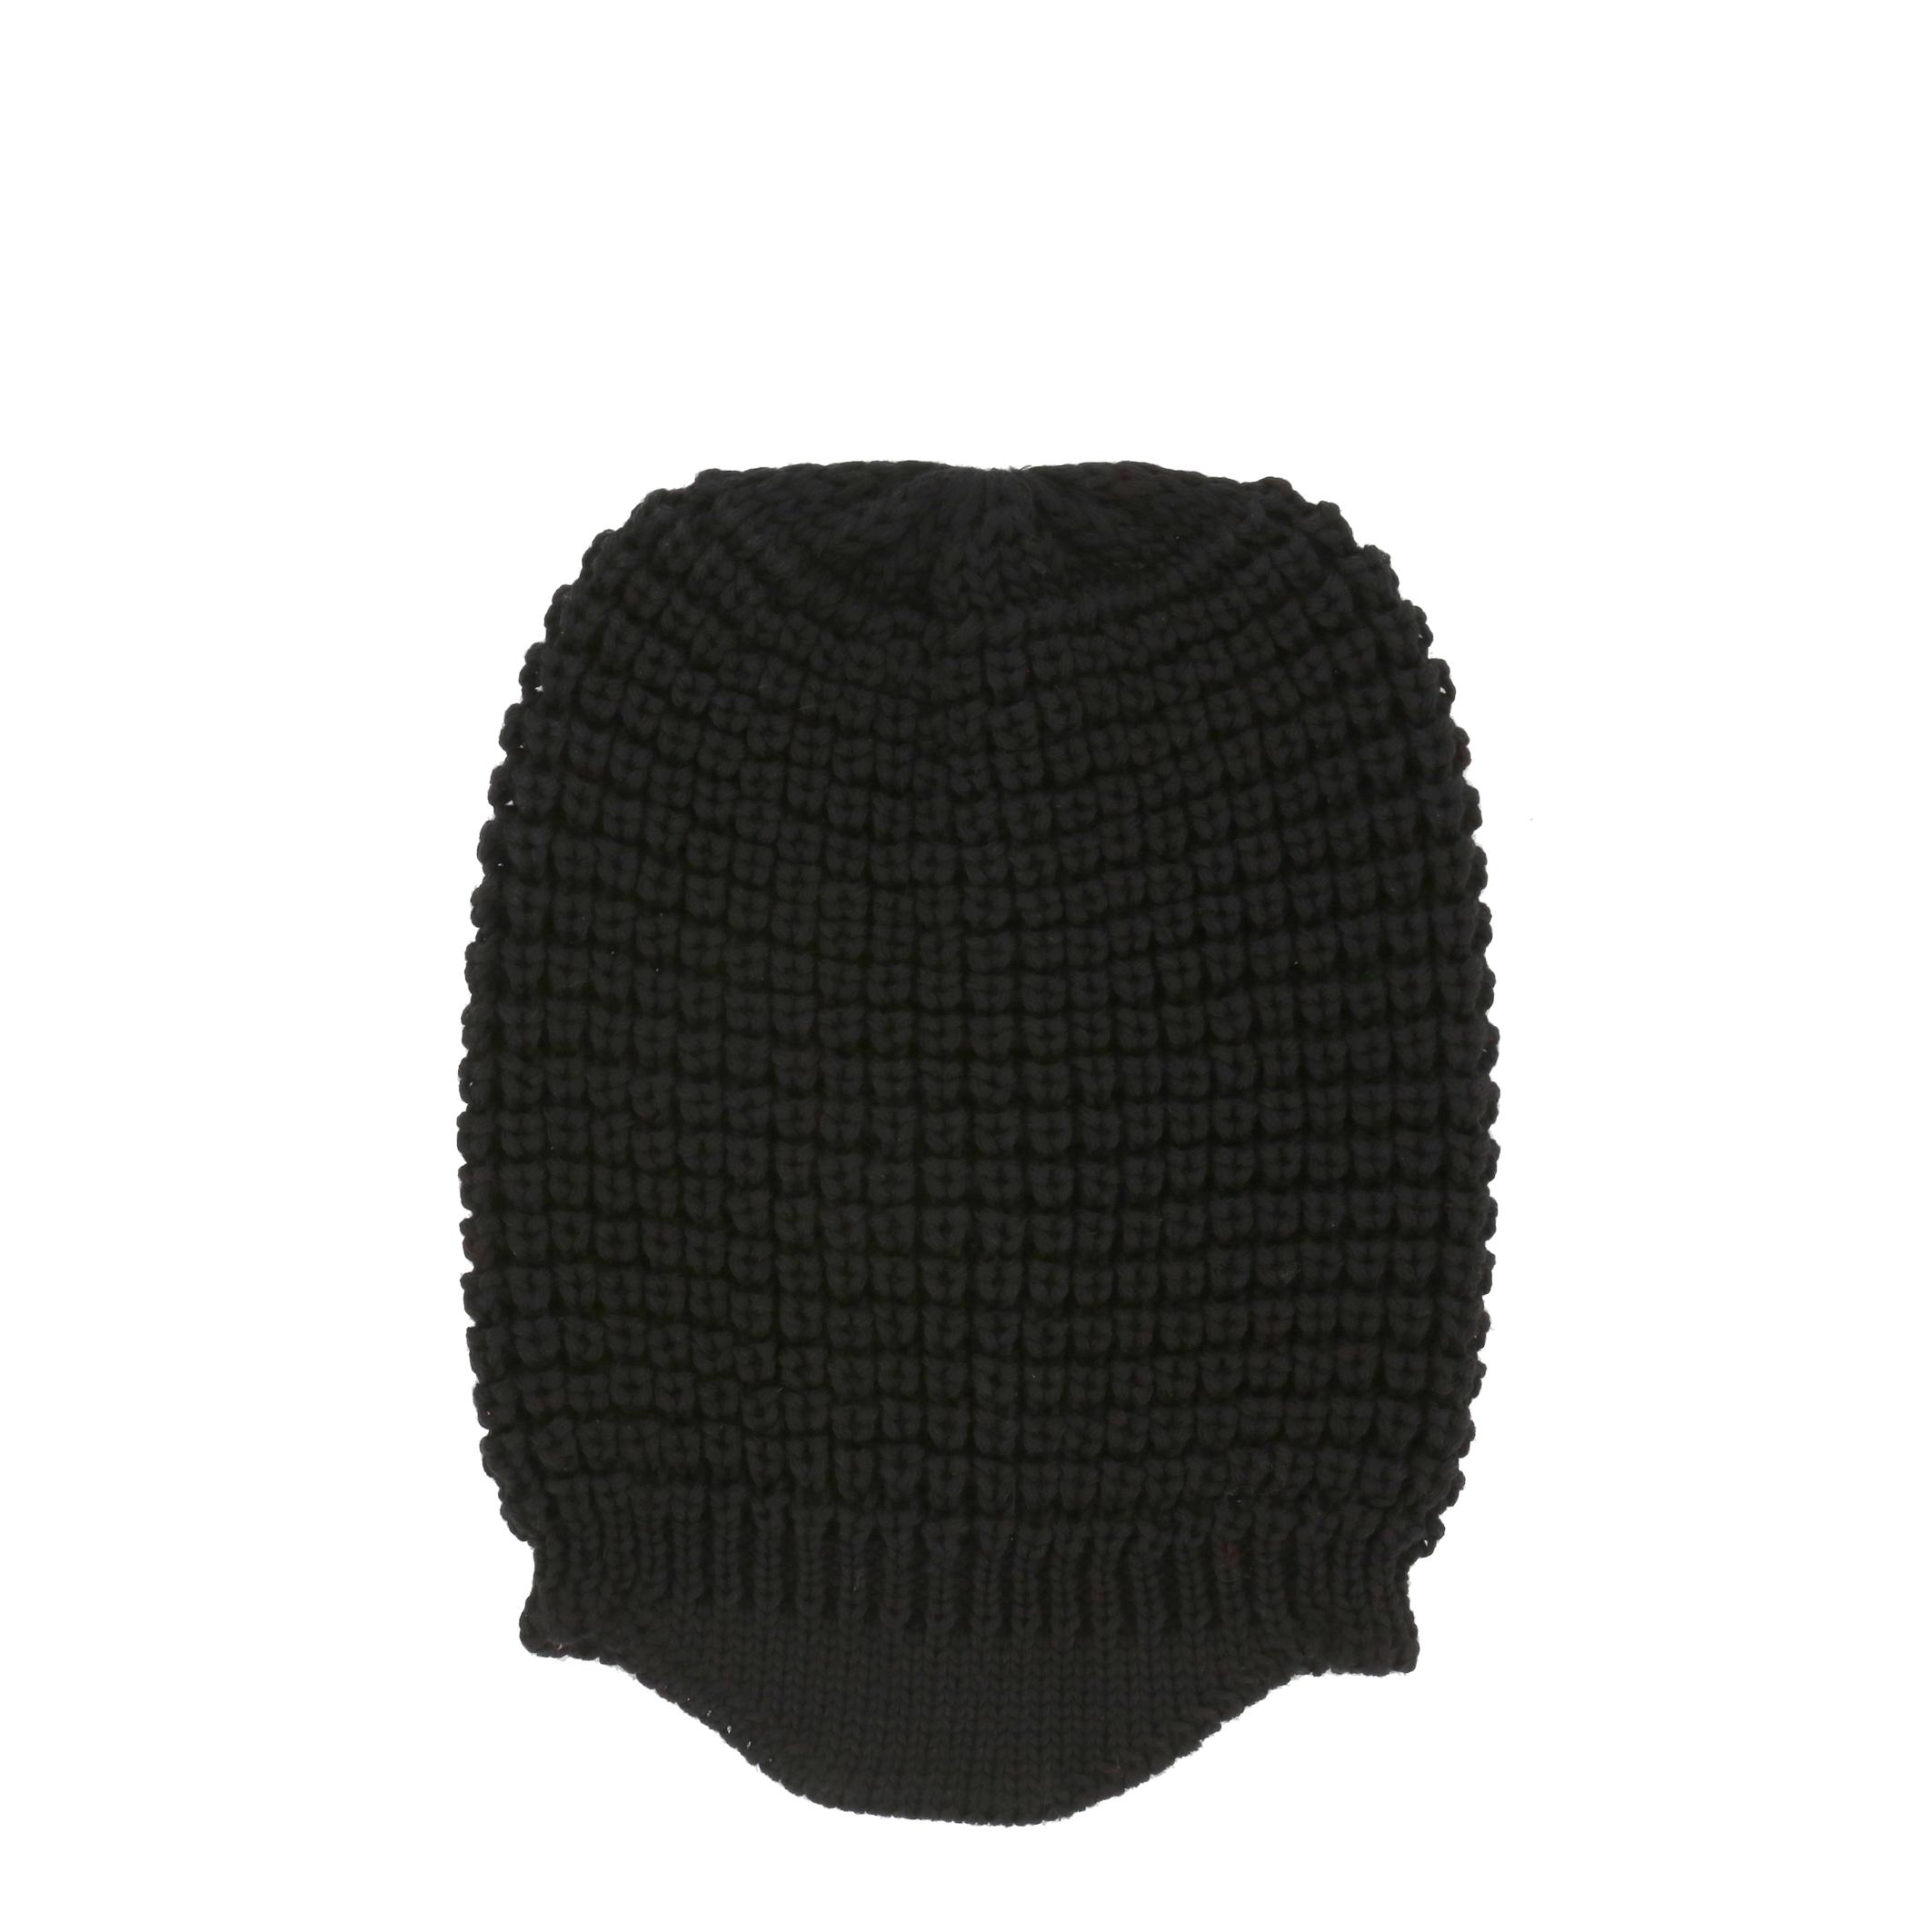 Cappello Emporio Armani 637420_5A068 Uomo Nero 97148